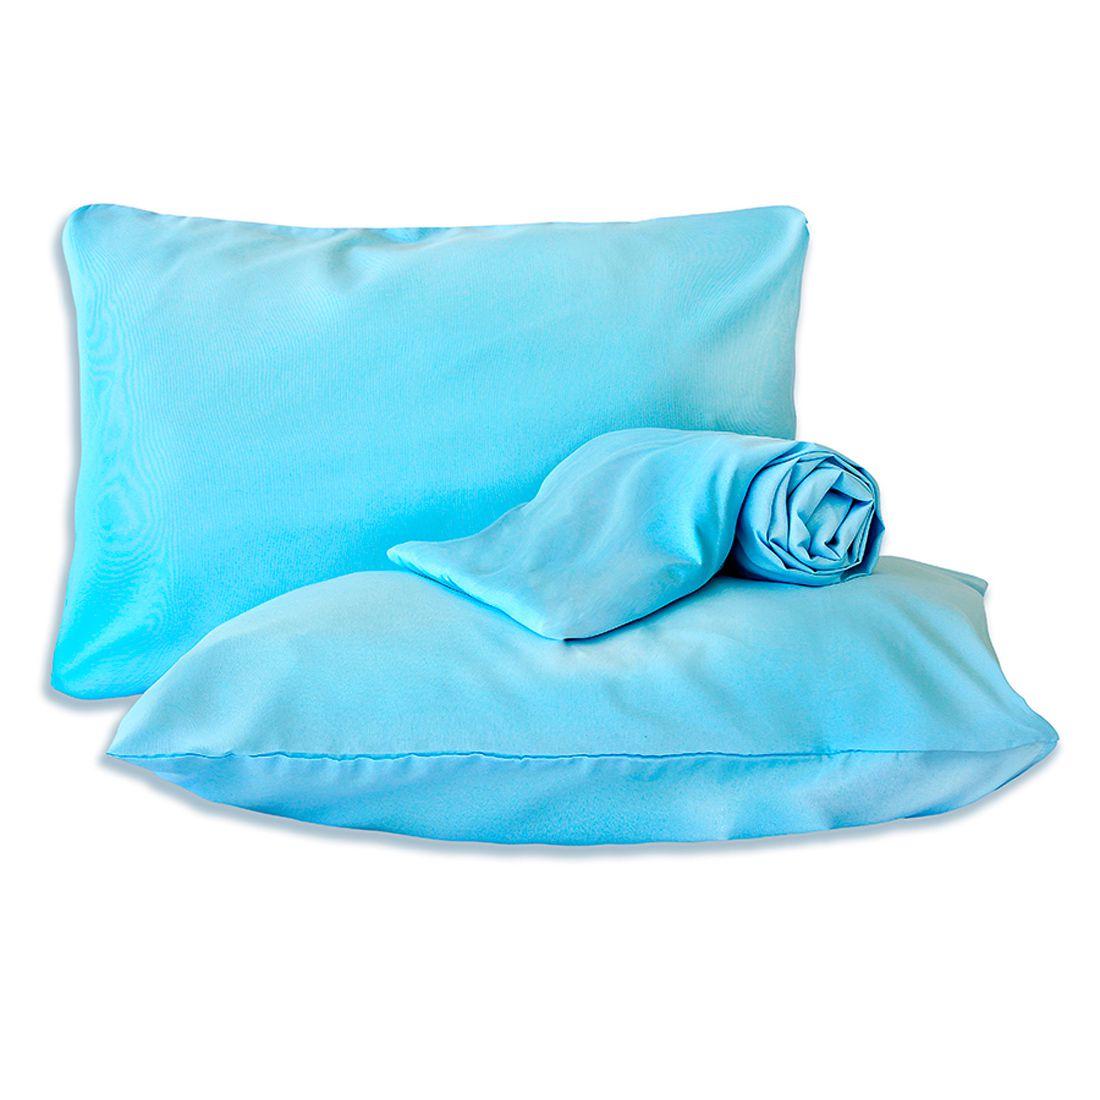 Jogo de Cama Standard Liso Azul Casal Padrão 160 Fios 03 Peças